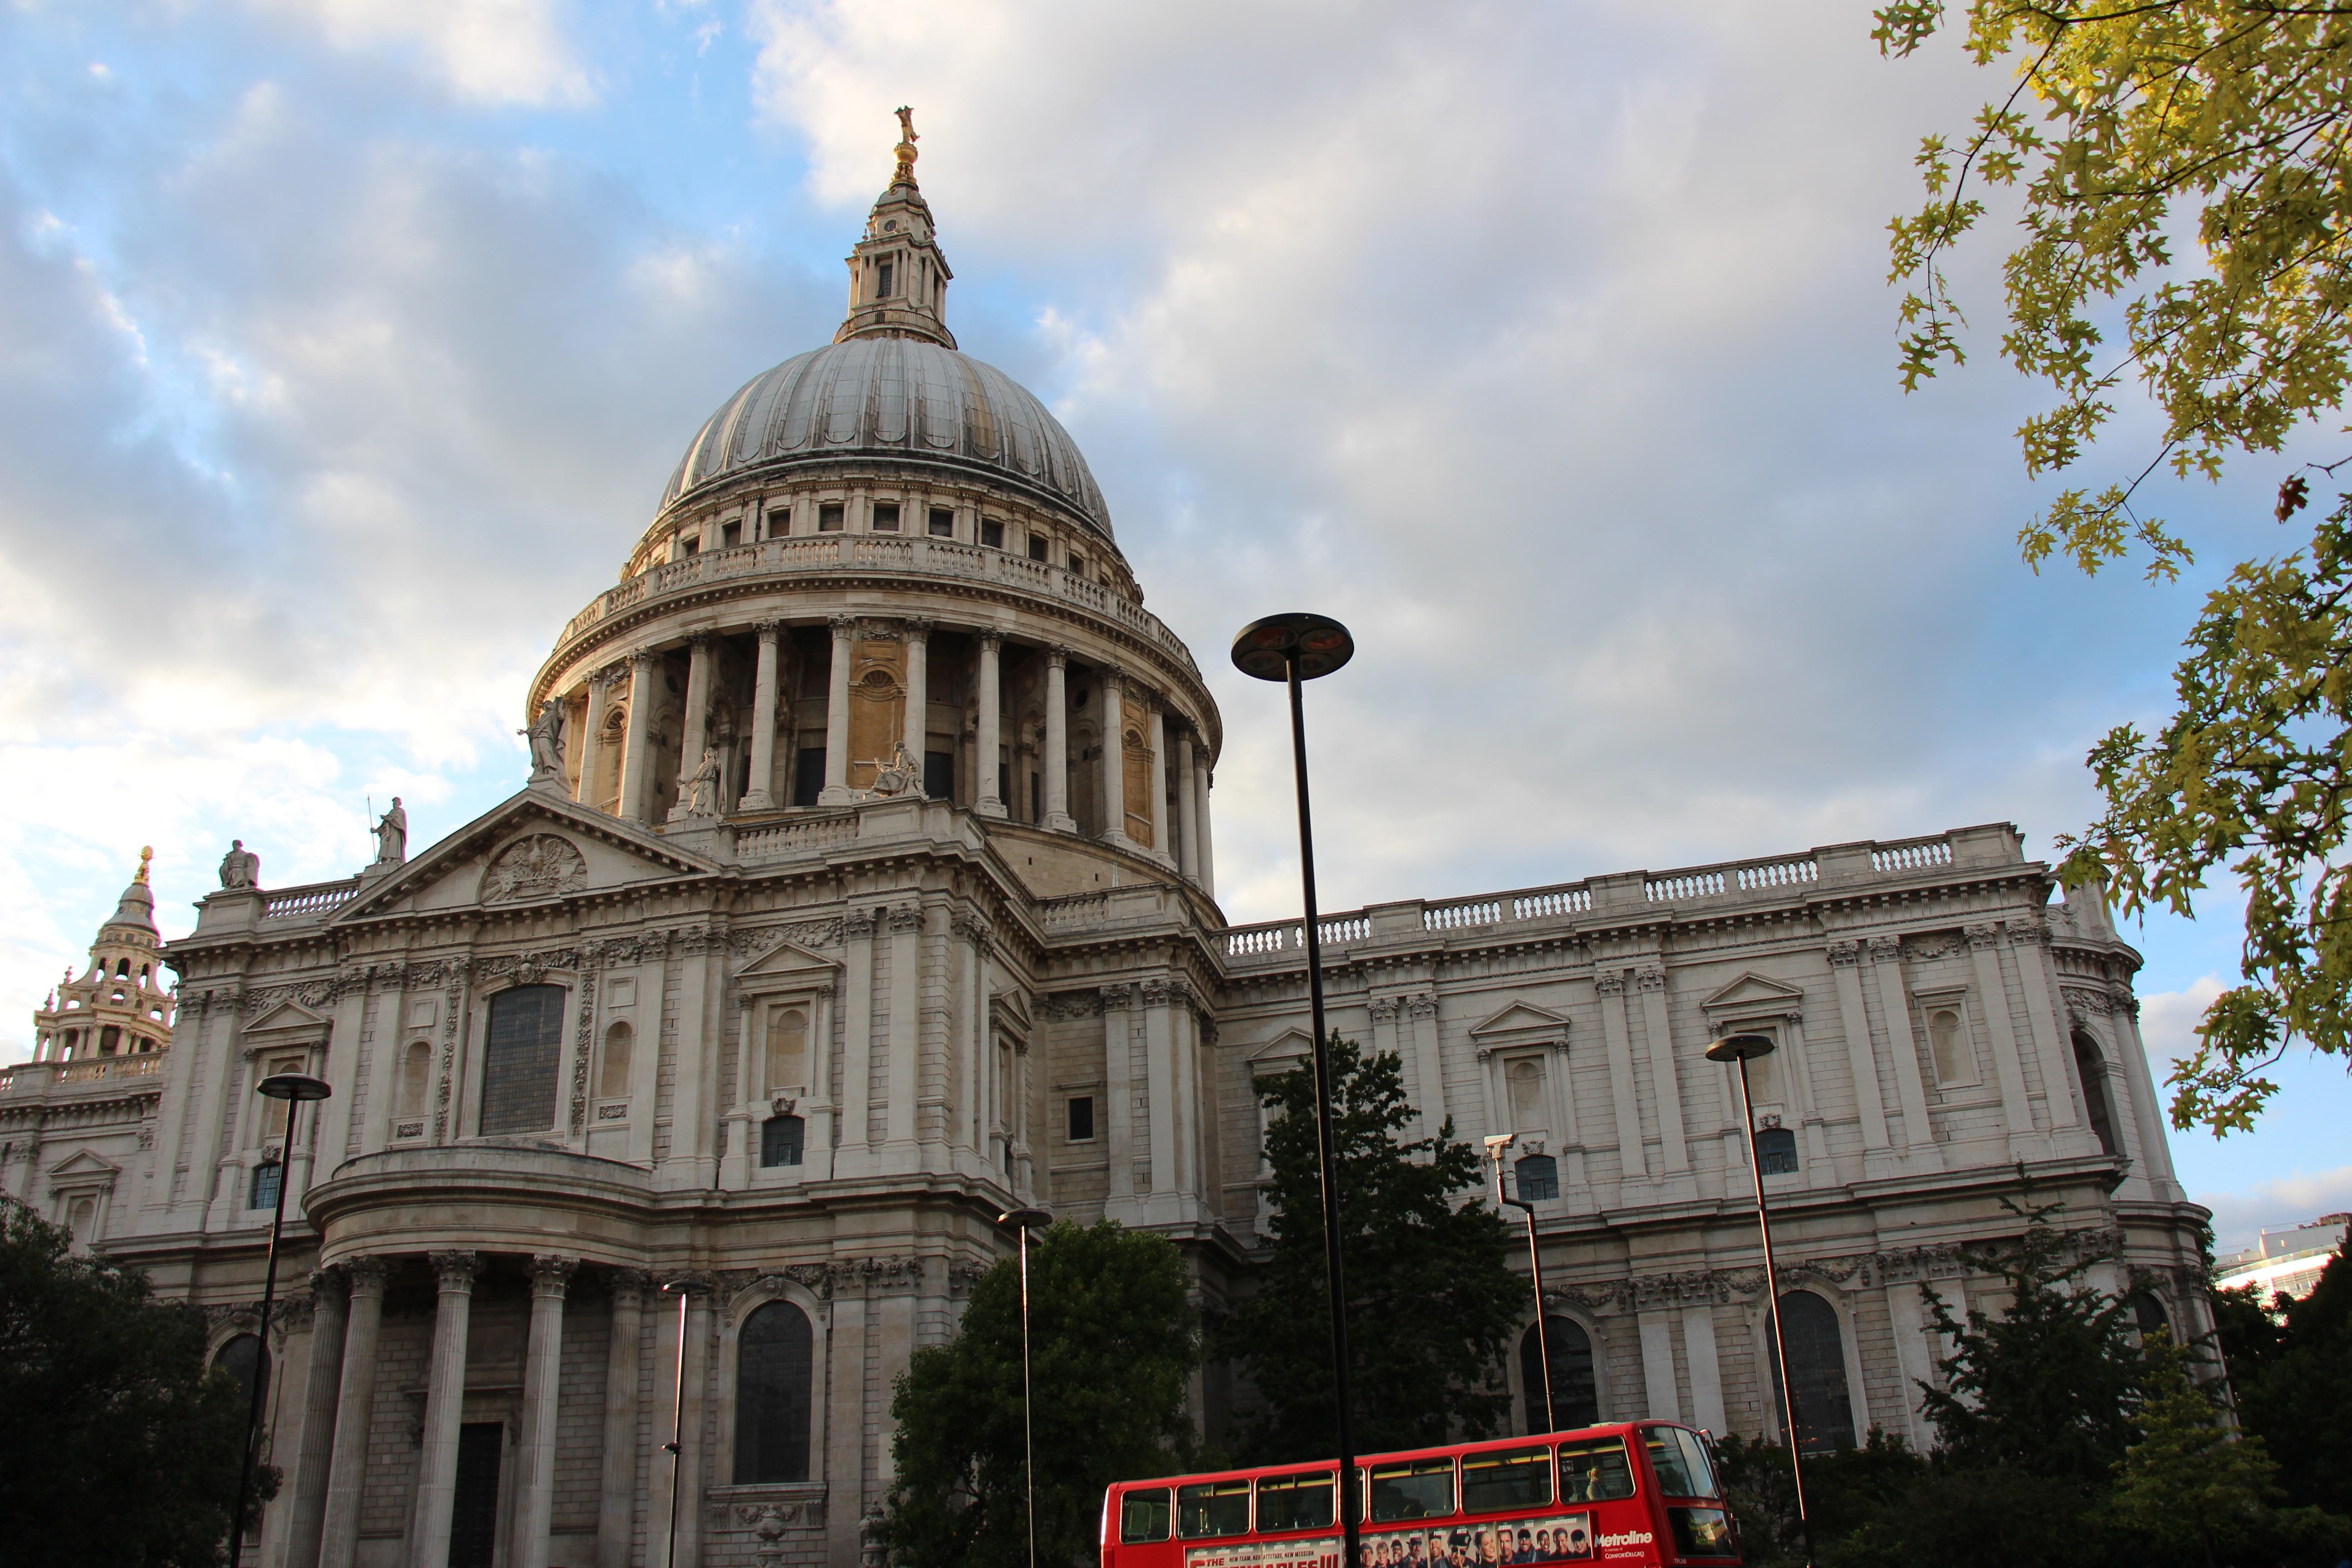 巴洛克风格建筑的代表,是世界第二大圆顶教堂.